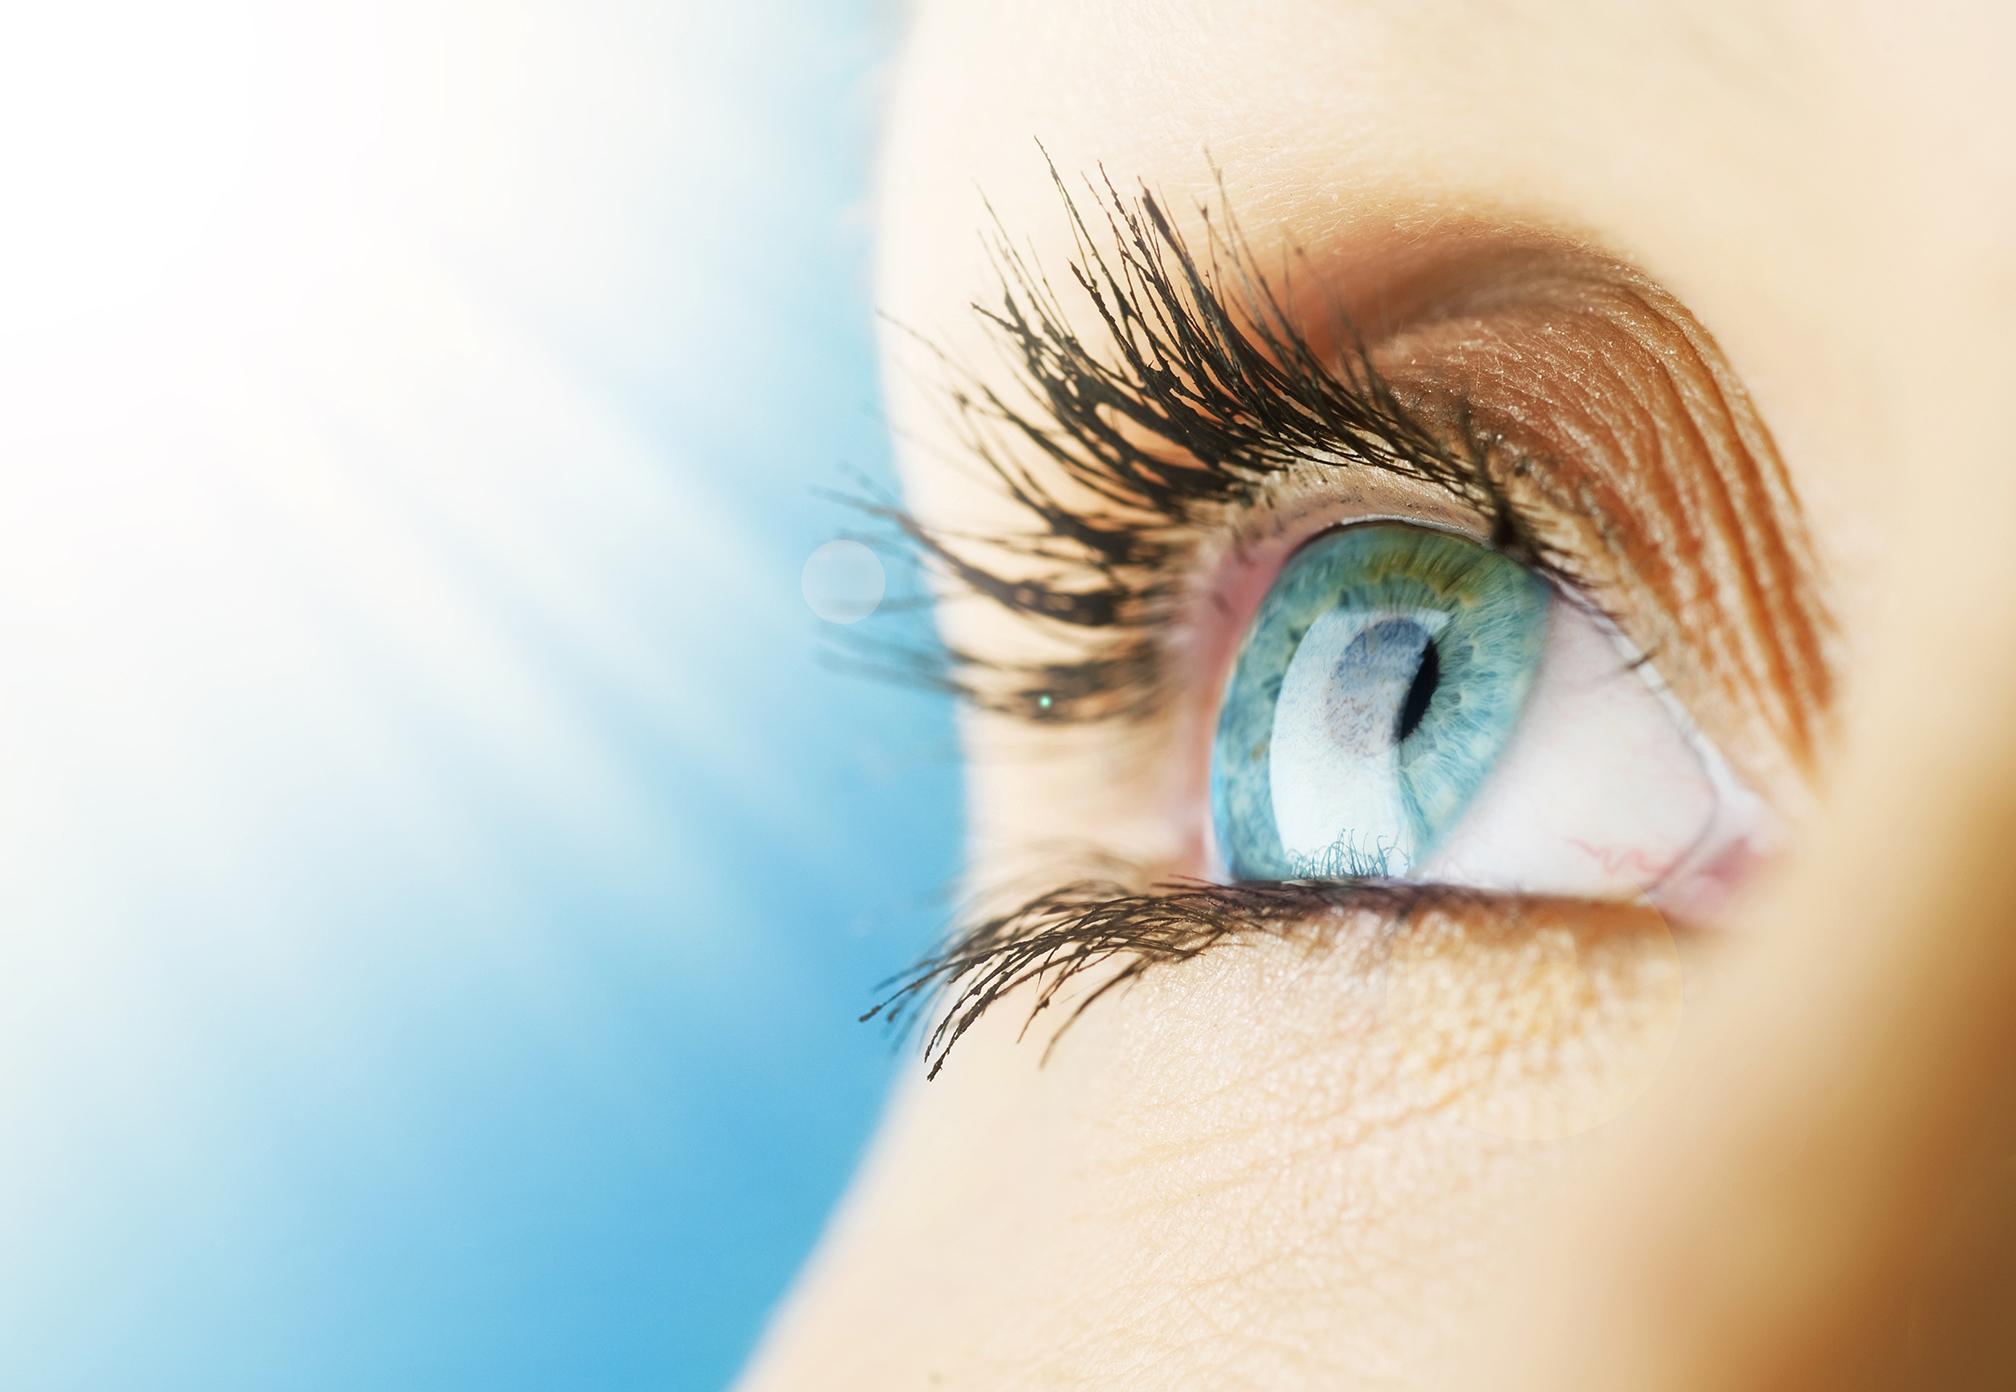 Глаза на мокром месте — так ли это плохо?